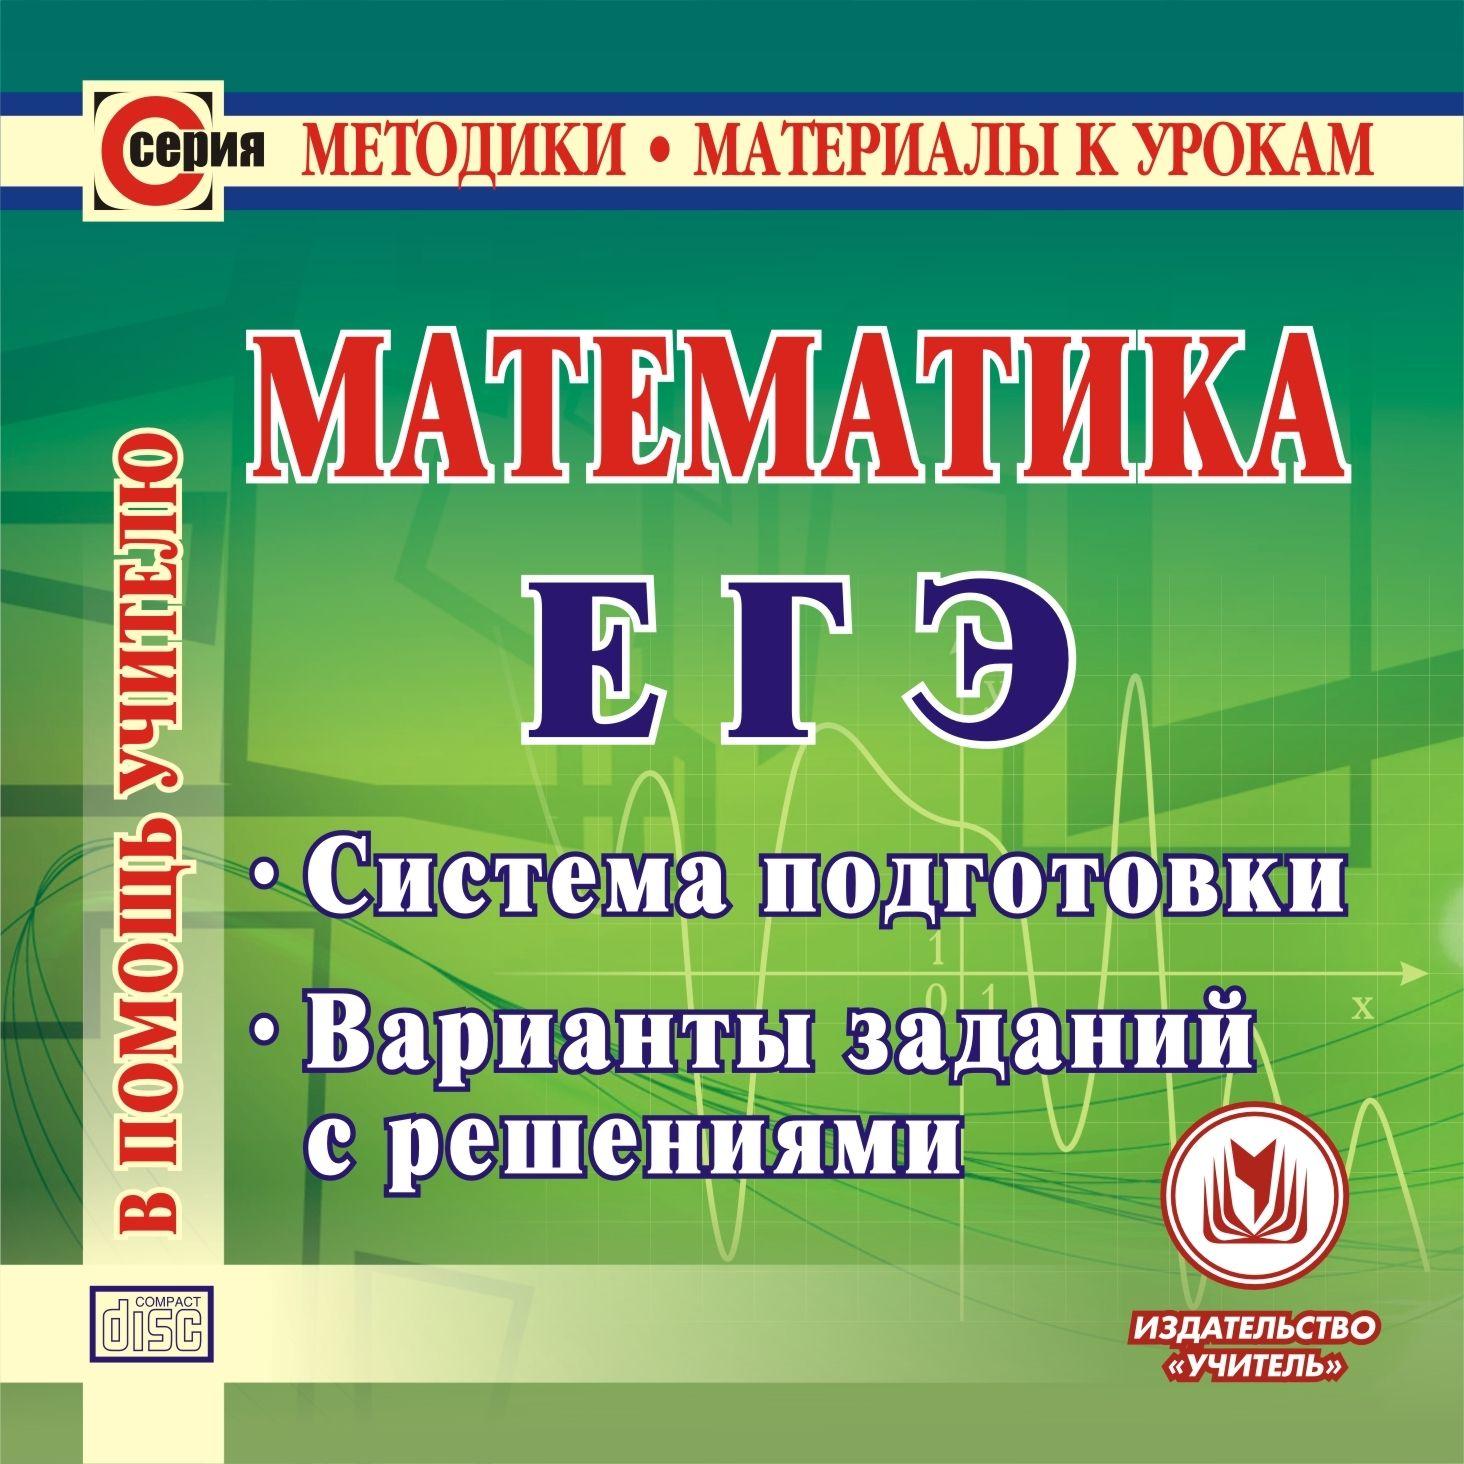 Математика. ЕГЭ. Компакт-диск для компьютера: Система подготовки. Варианты заданий с решениями.